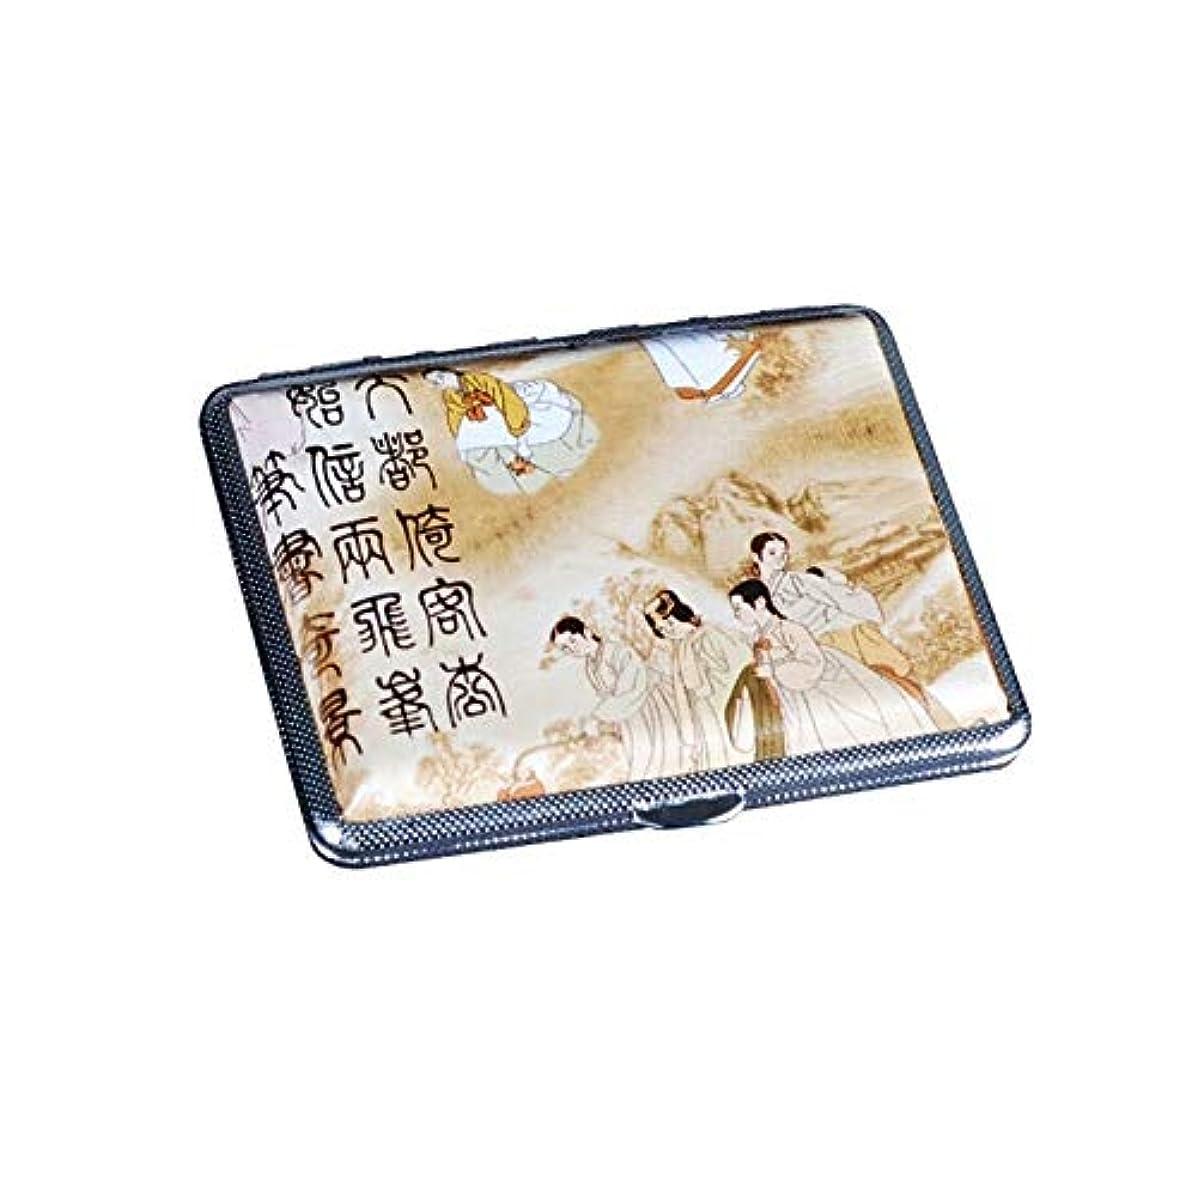 コピー本体修復XIAOCHAOSD タバコ箱、自動ビジネス統合、メンズクリエイティブレザーシガレットケース 14、16、18スティック、 (Size : 14 sticks)